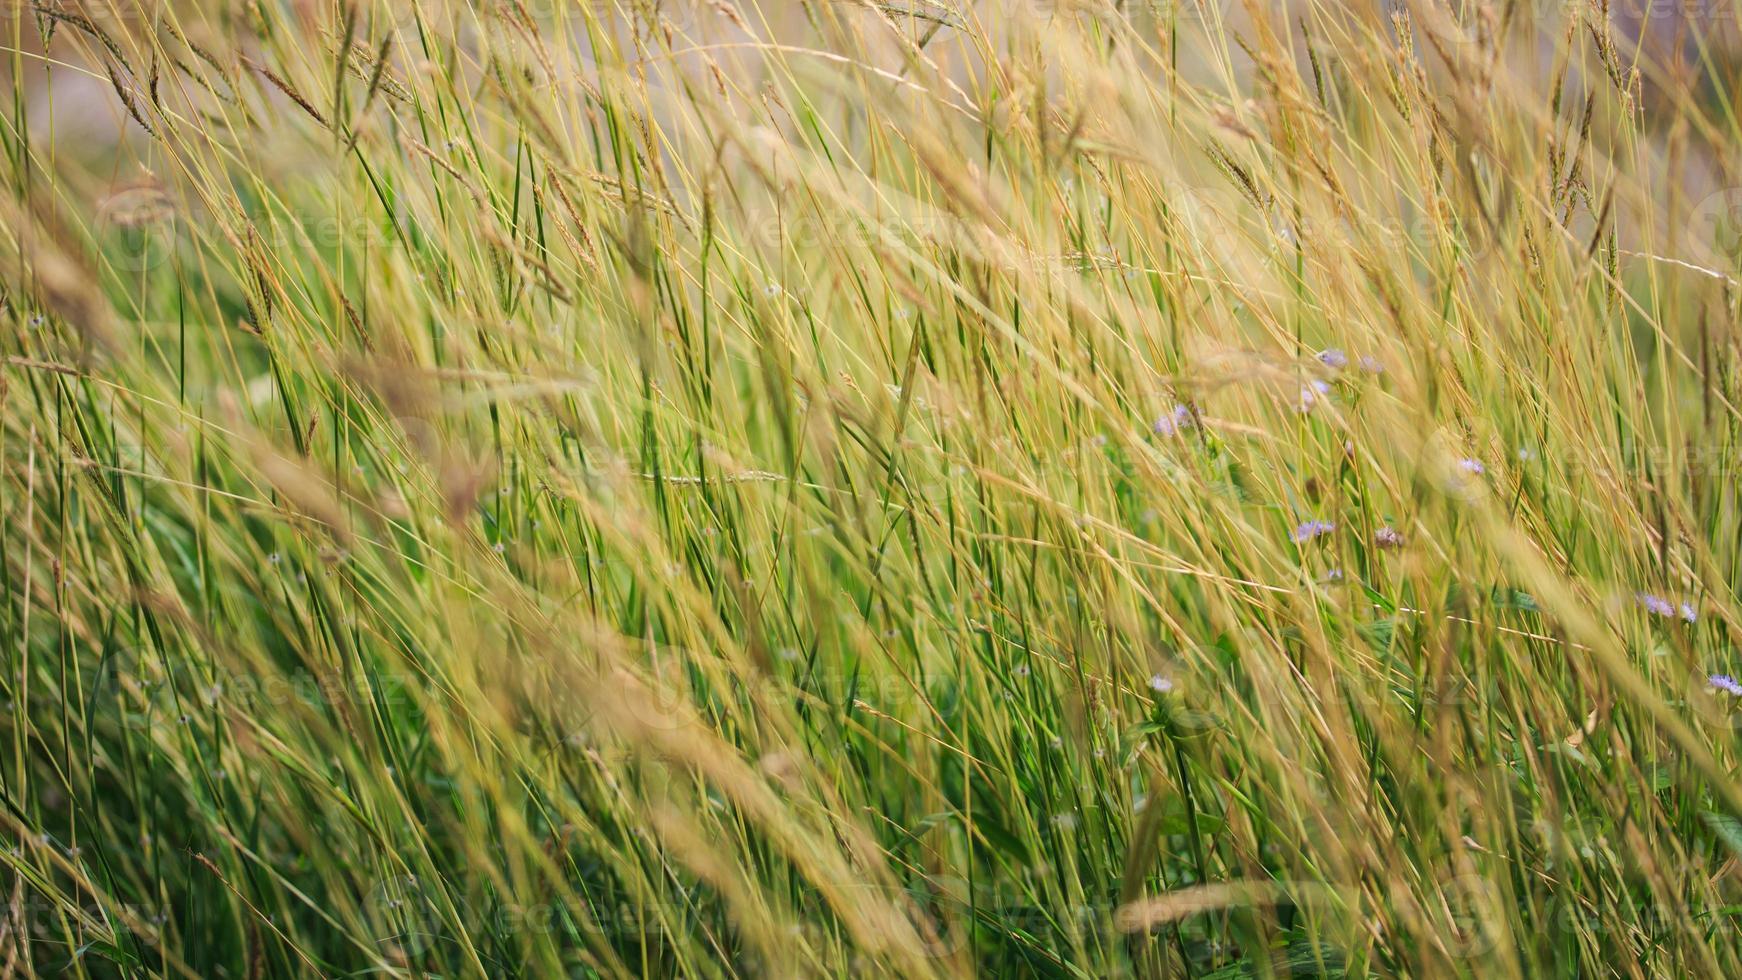 bakgrund av gräsfält. foto